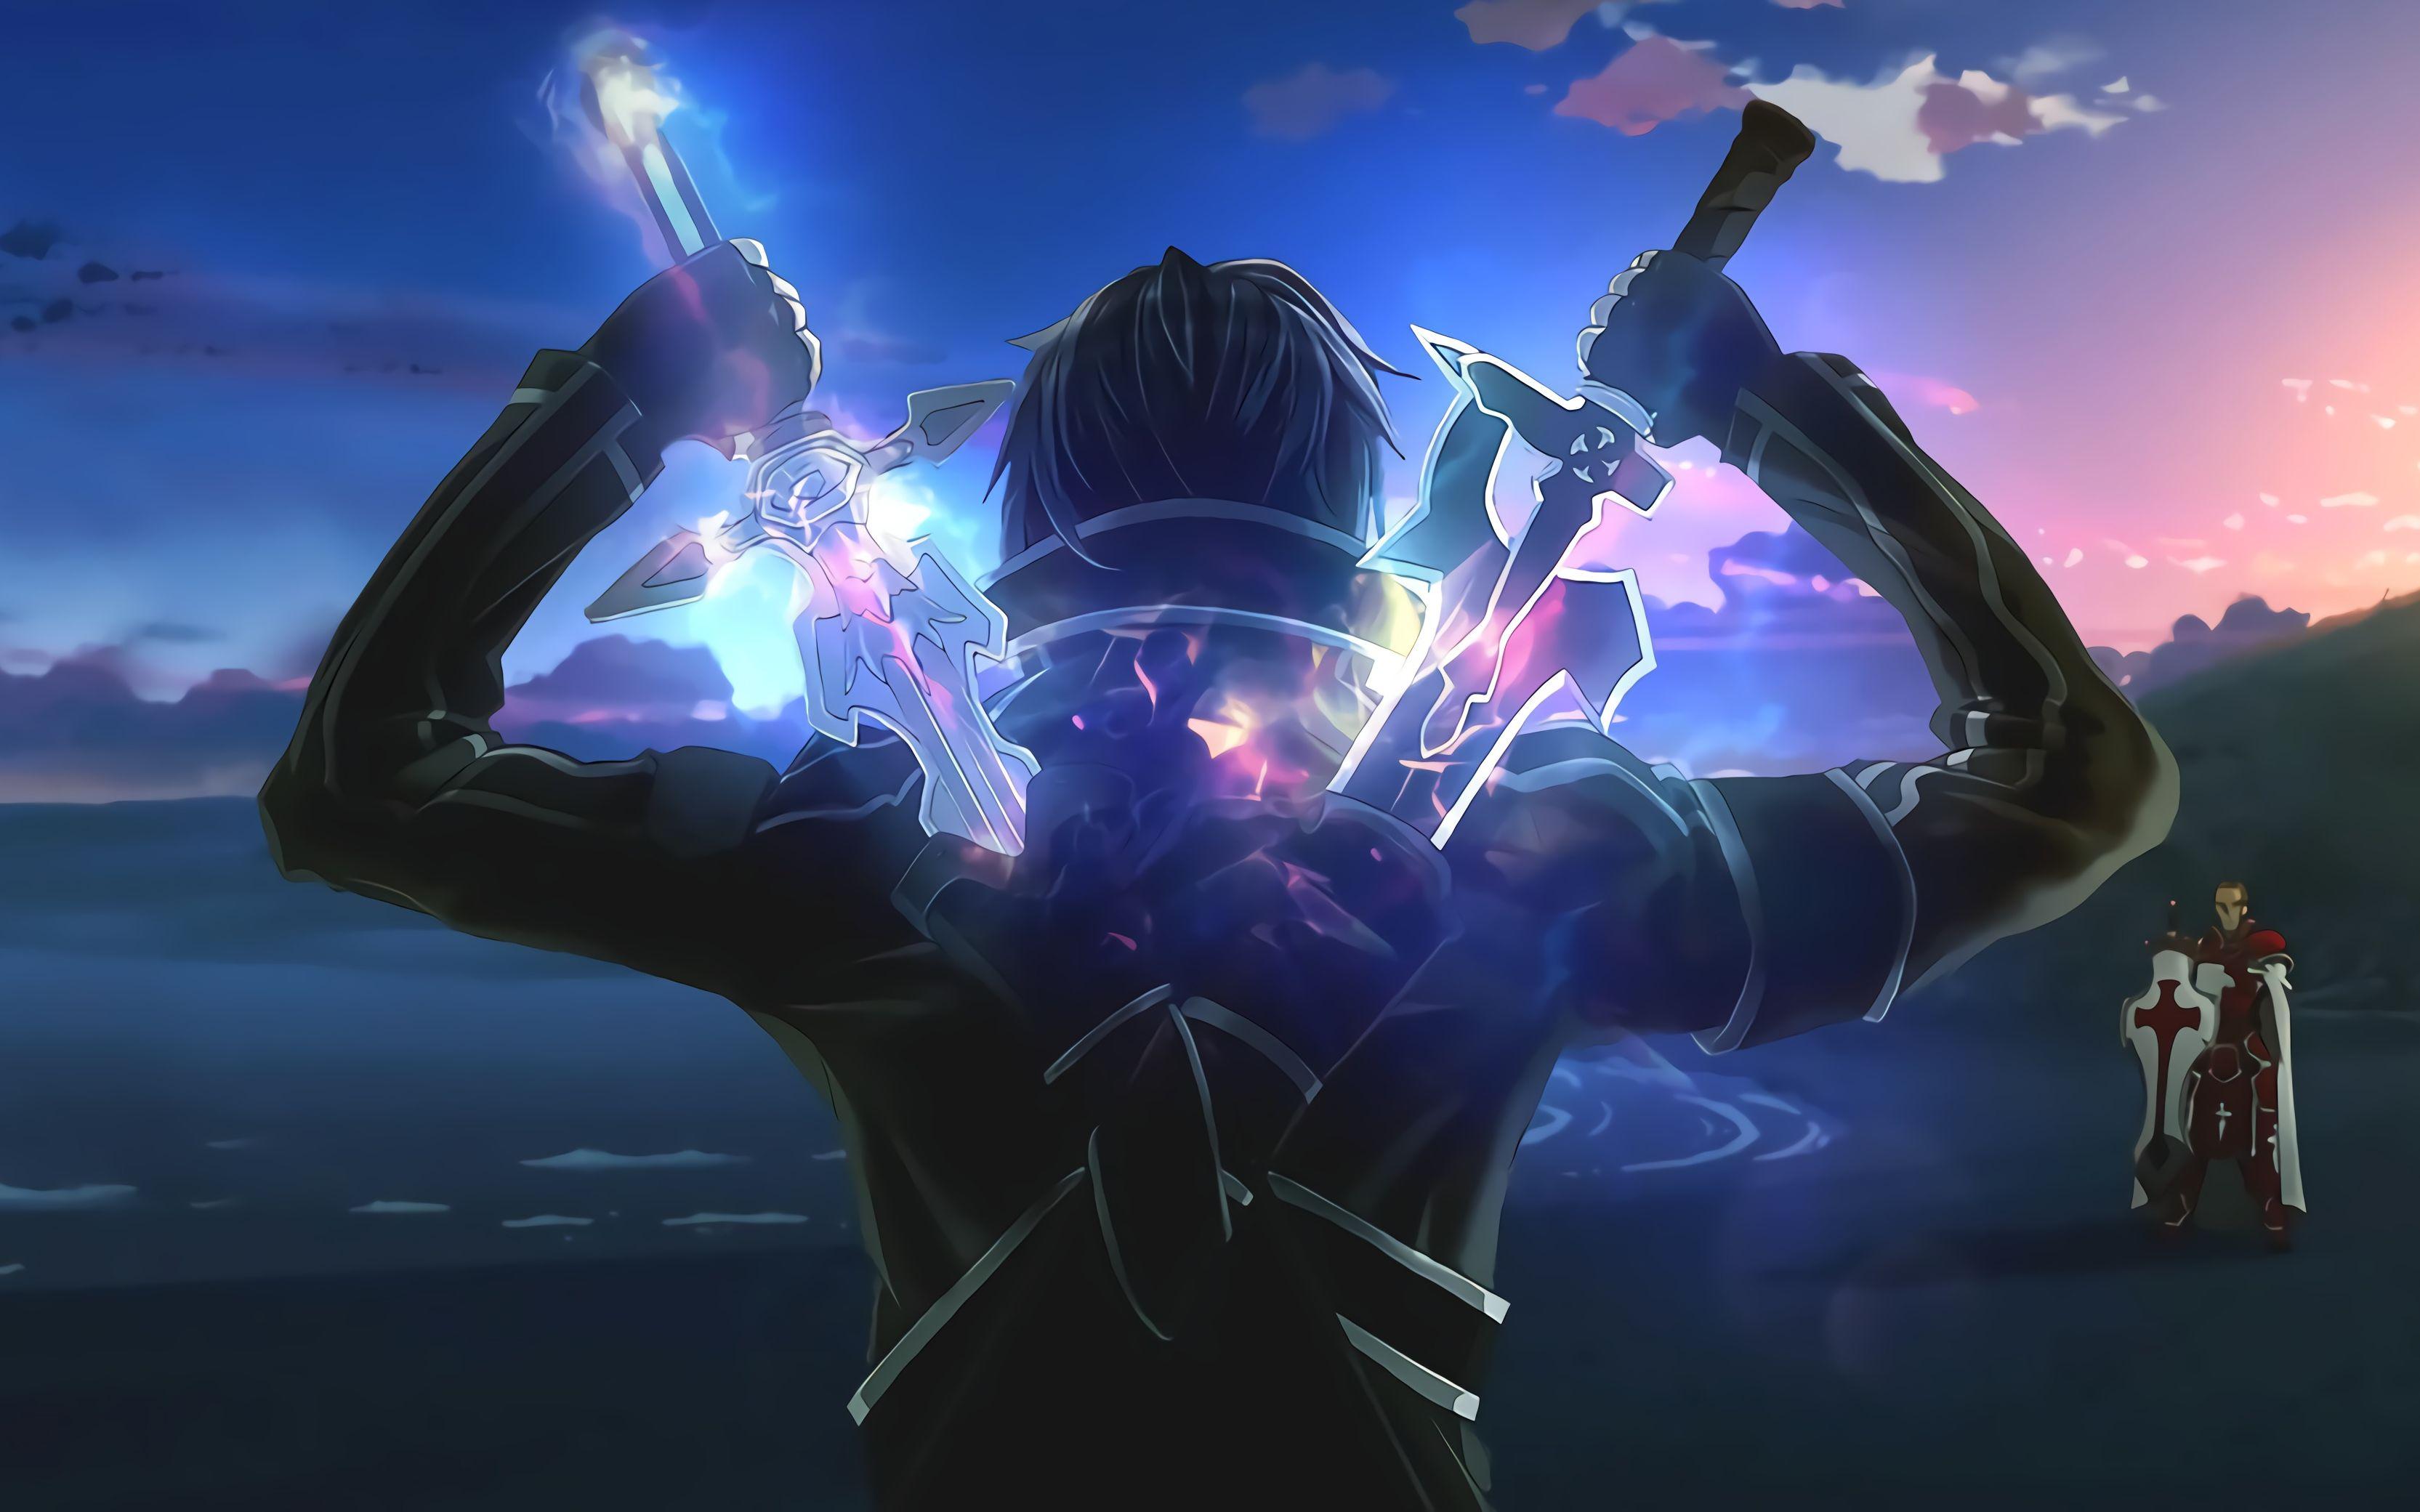 【刀剑神域/AMV】 这个世界 只需要一把剑就可以去往任何地方_哔哩哔哩 (゜-゜)つロ 干杯~-bilibili